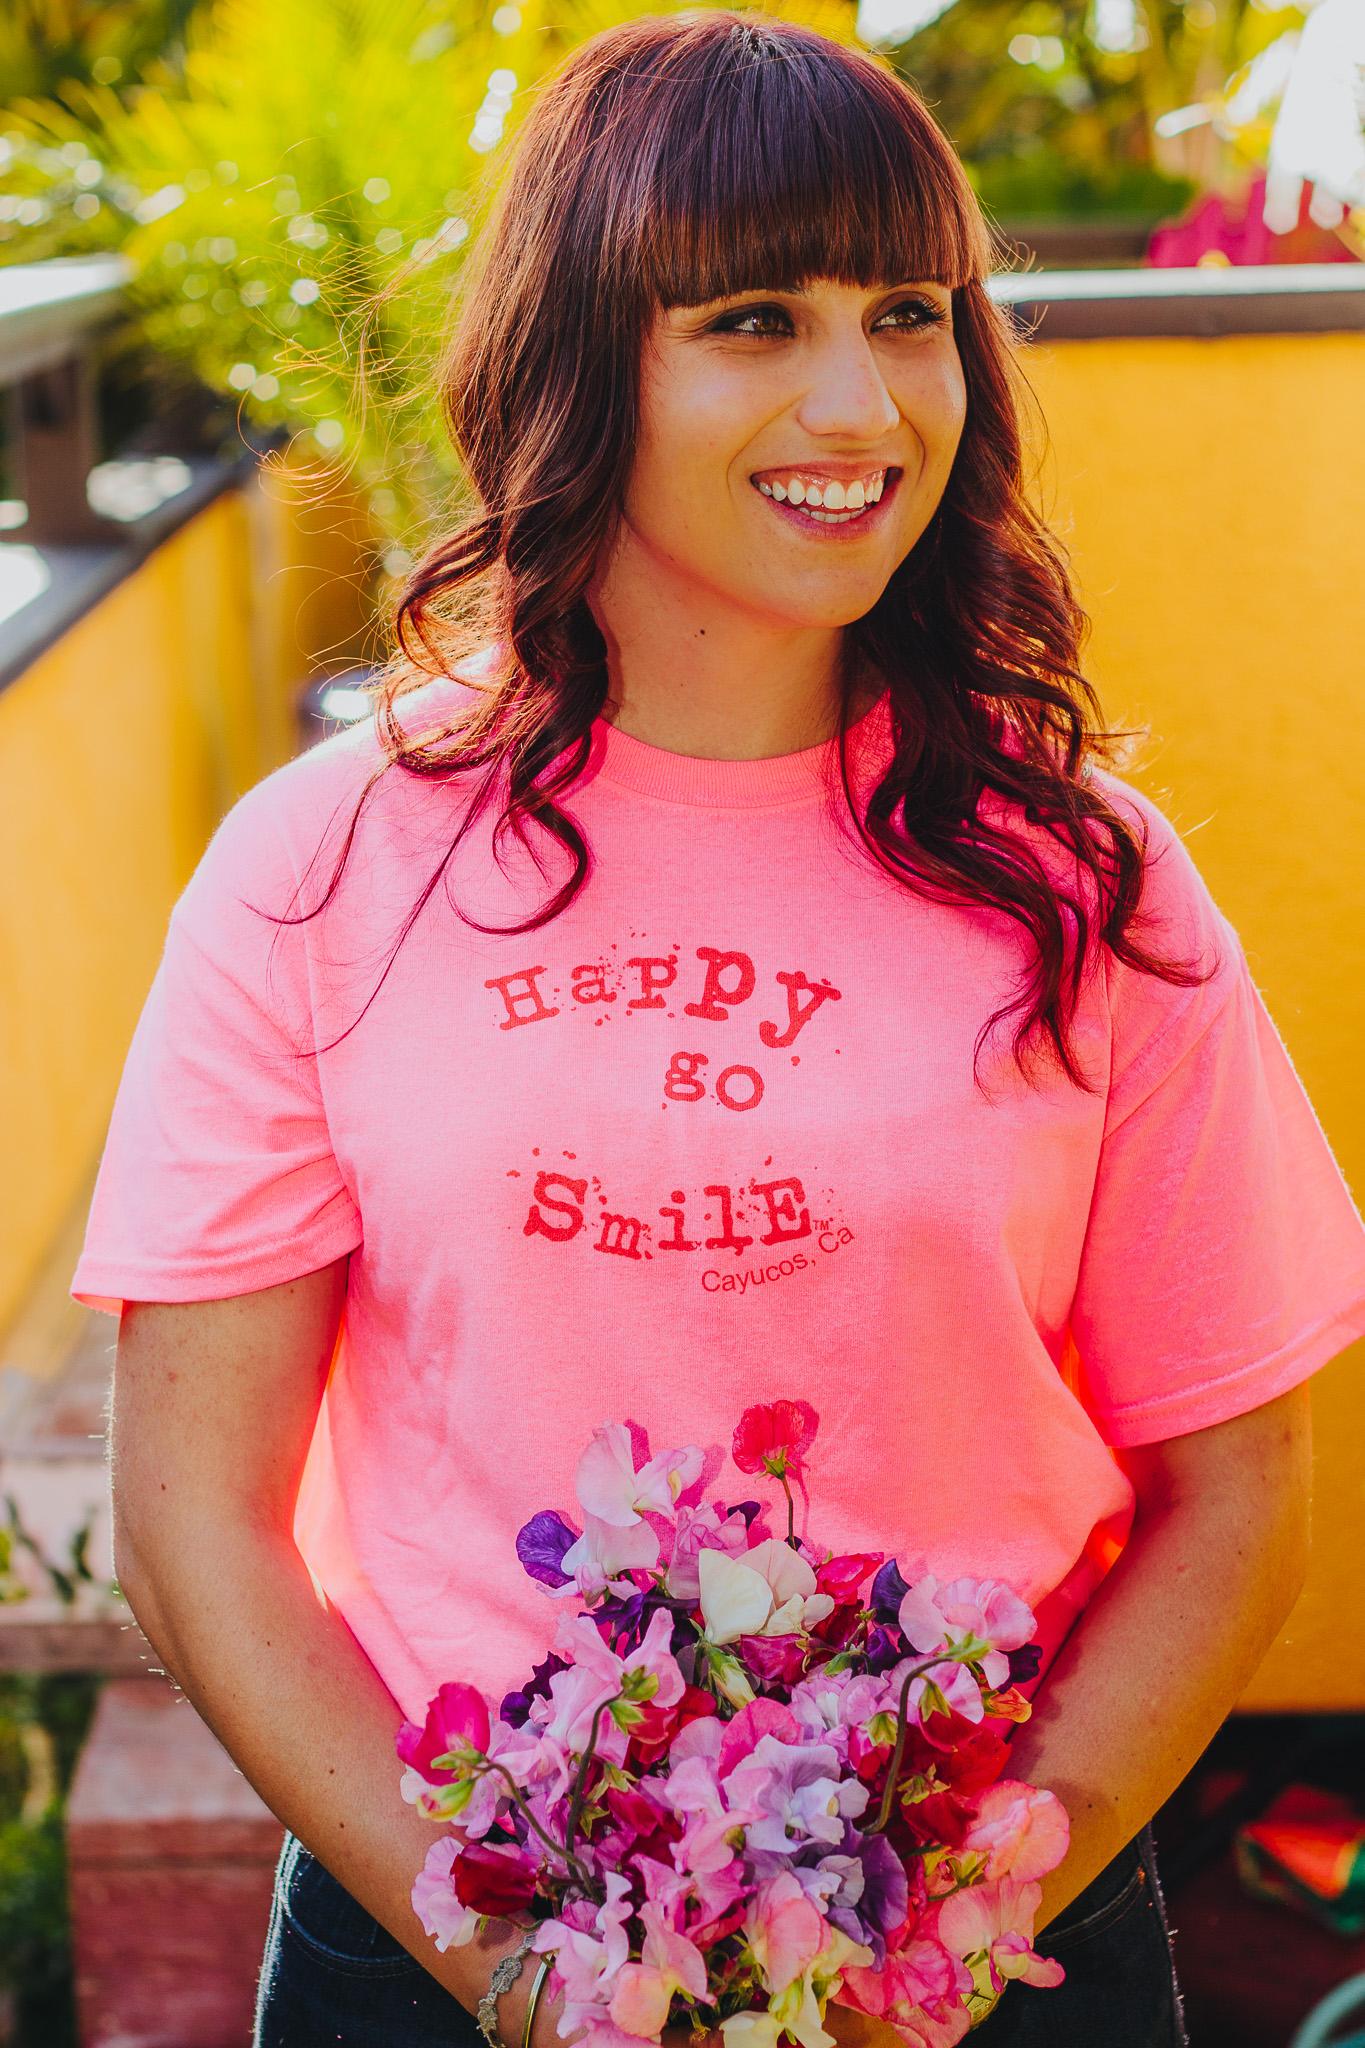 Happy Go Smile shirt